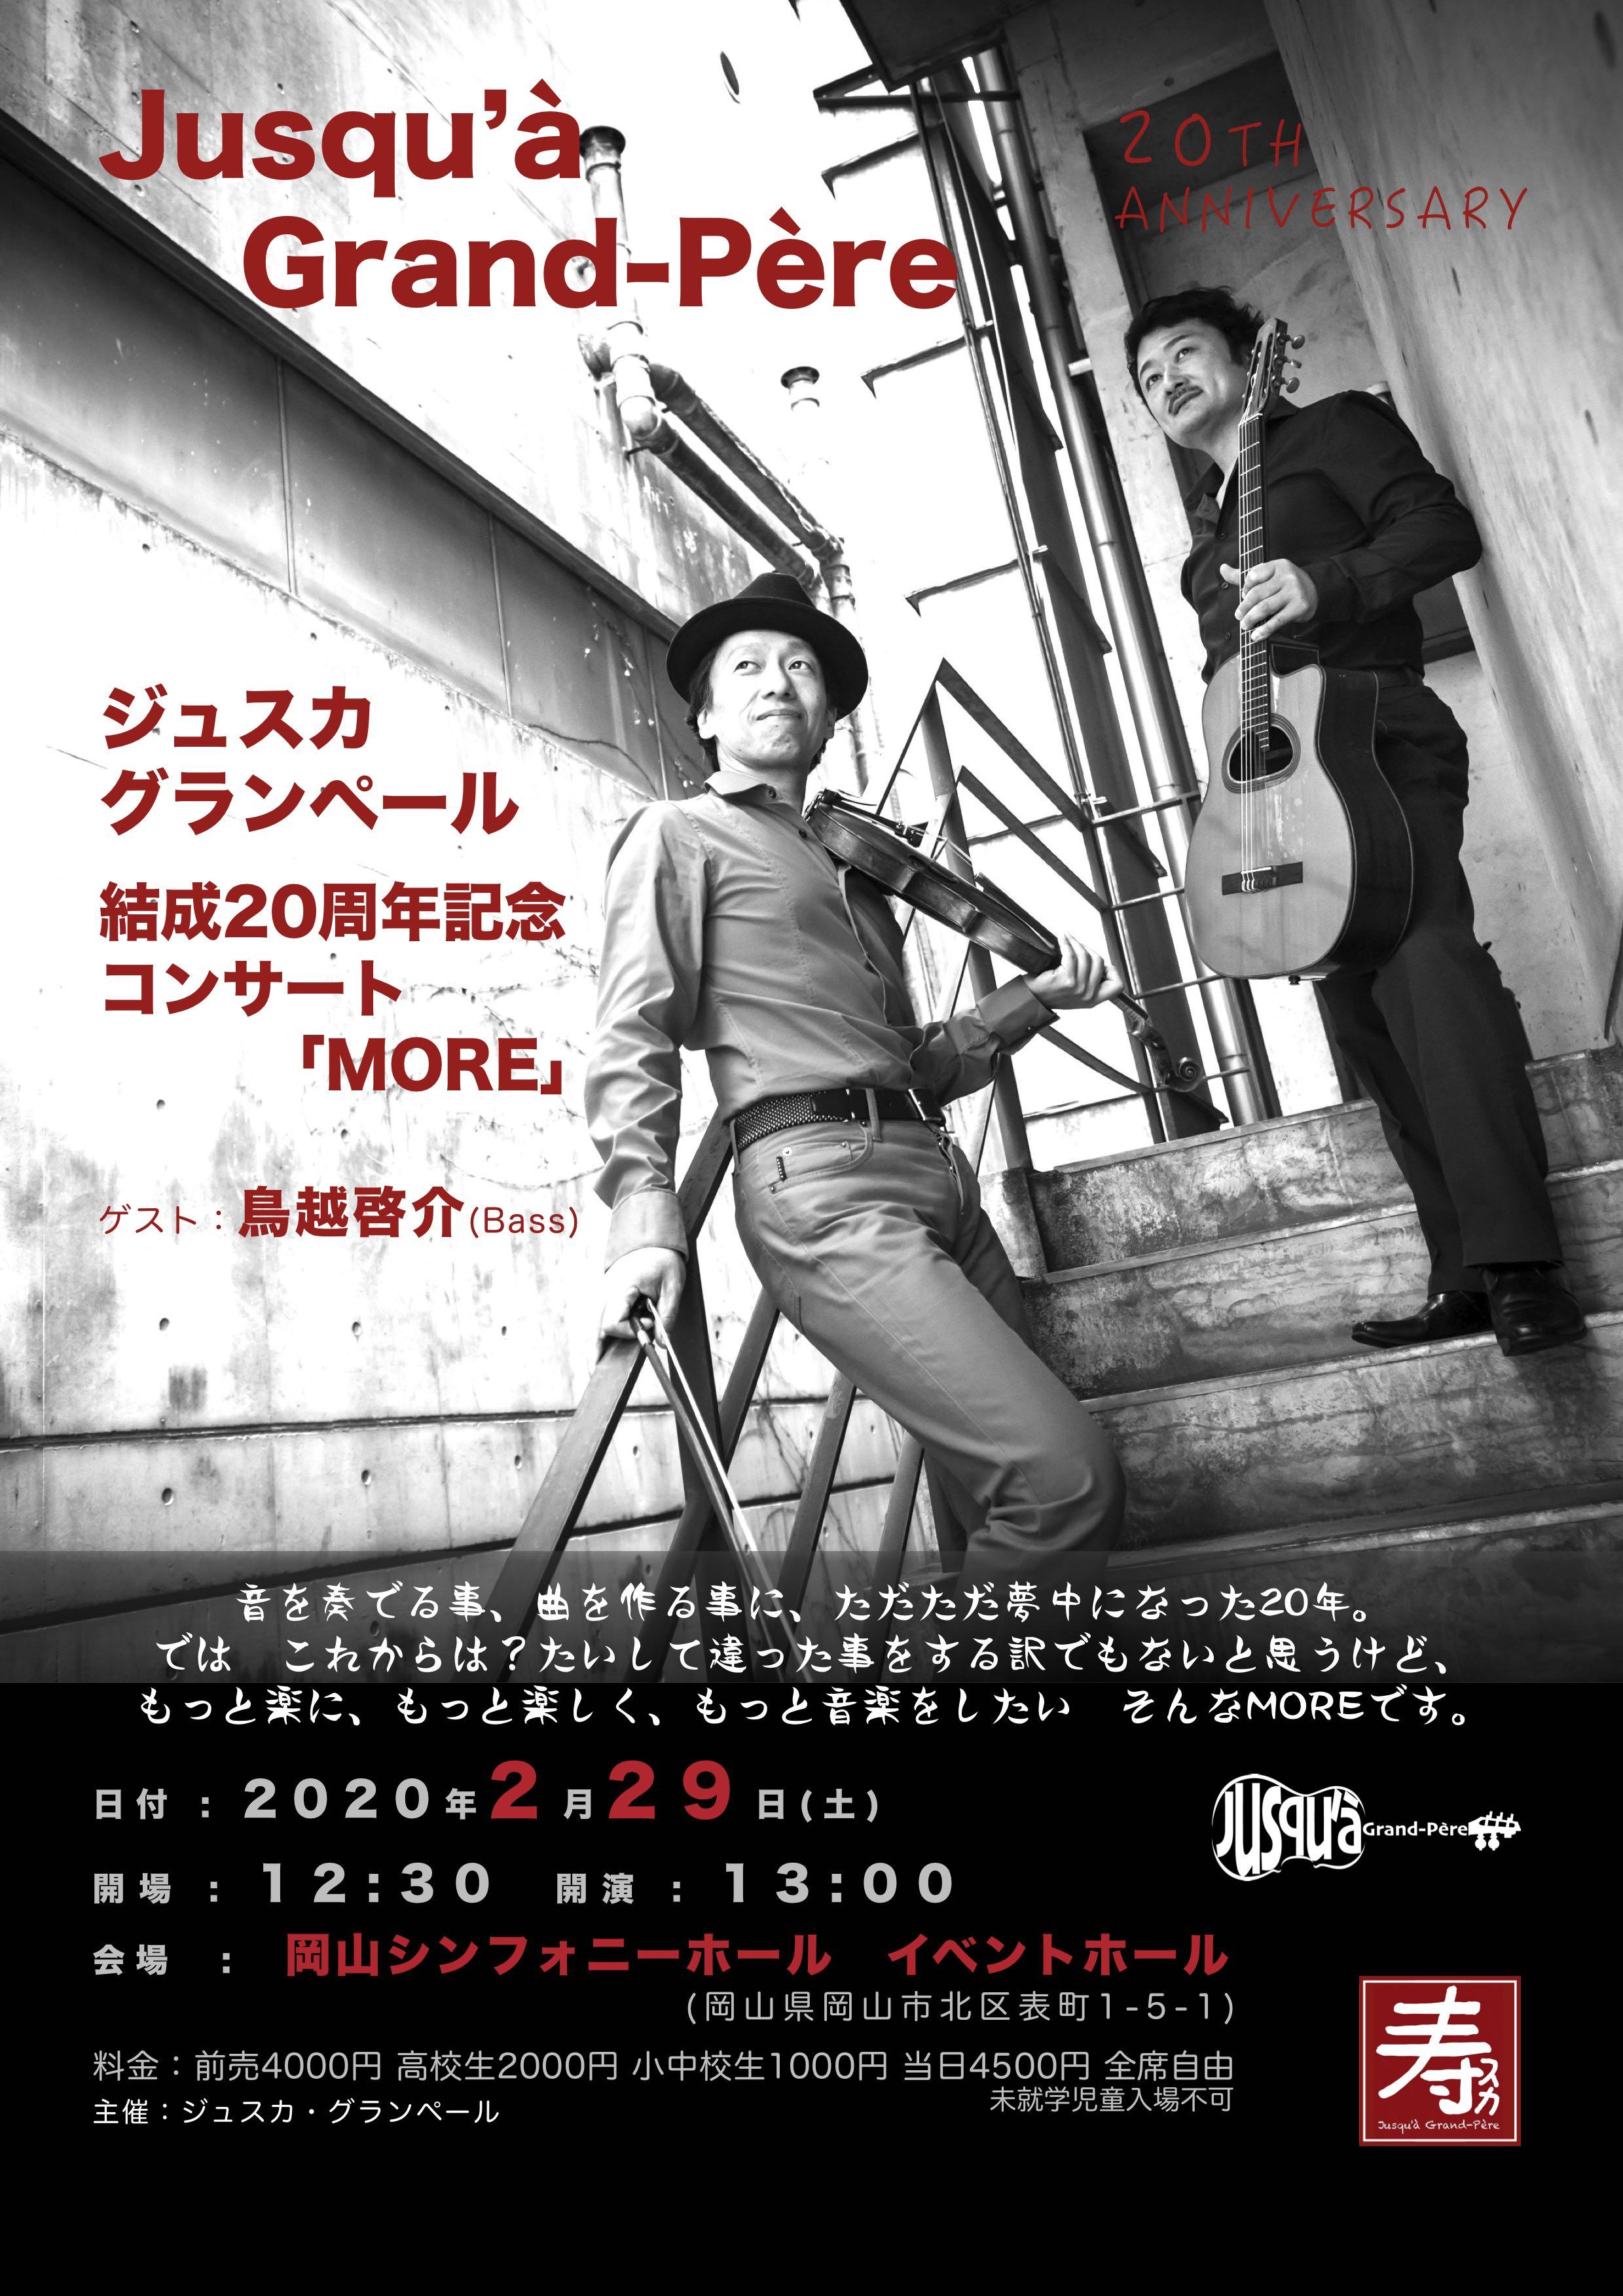 ジュスカ・グランペール 20th アニバーサリーライブ「MORE」